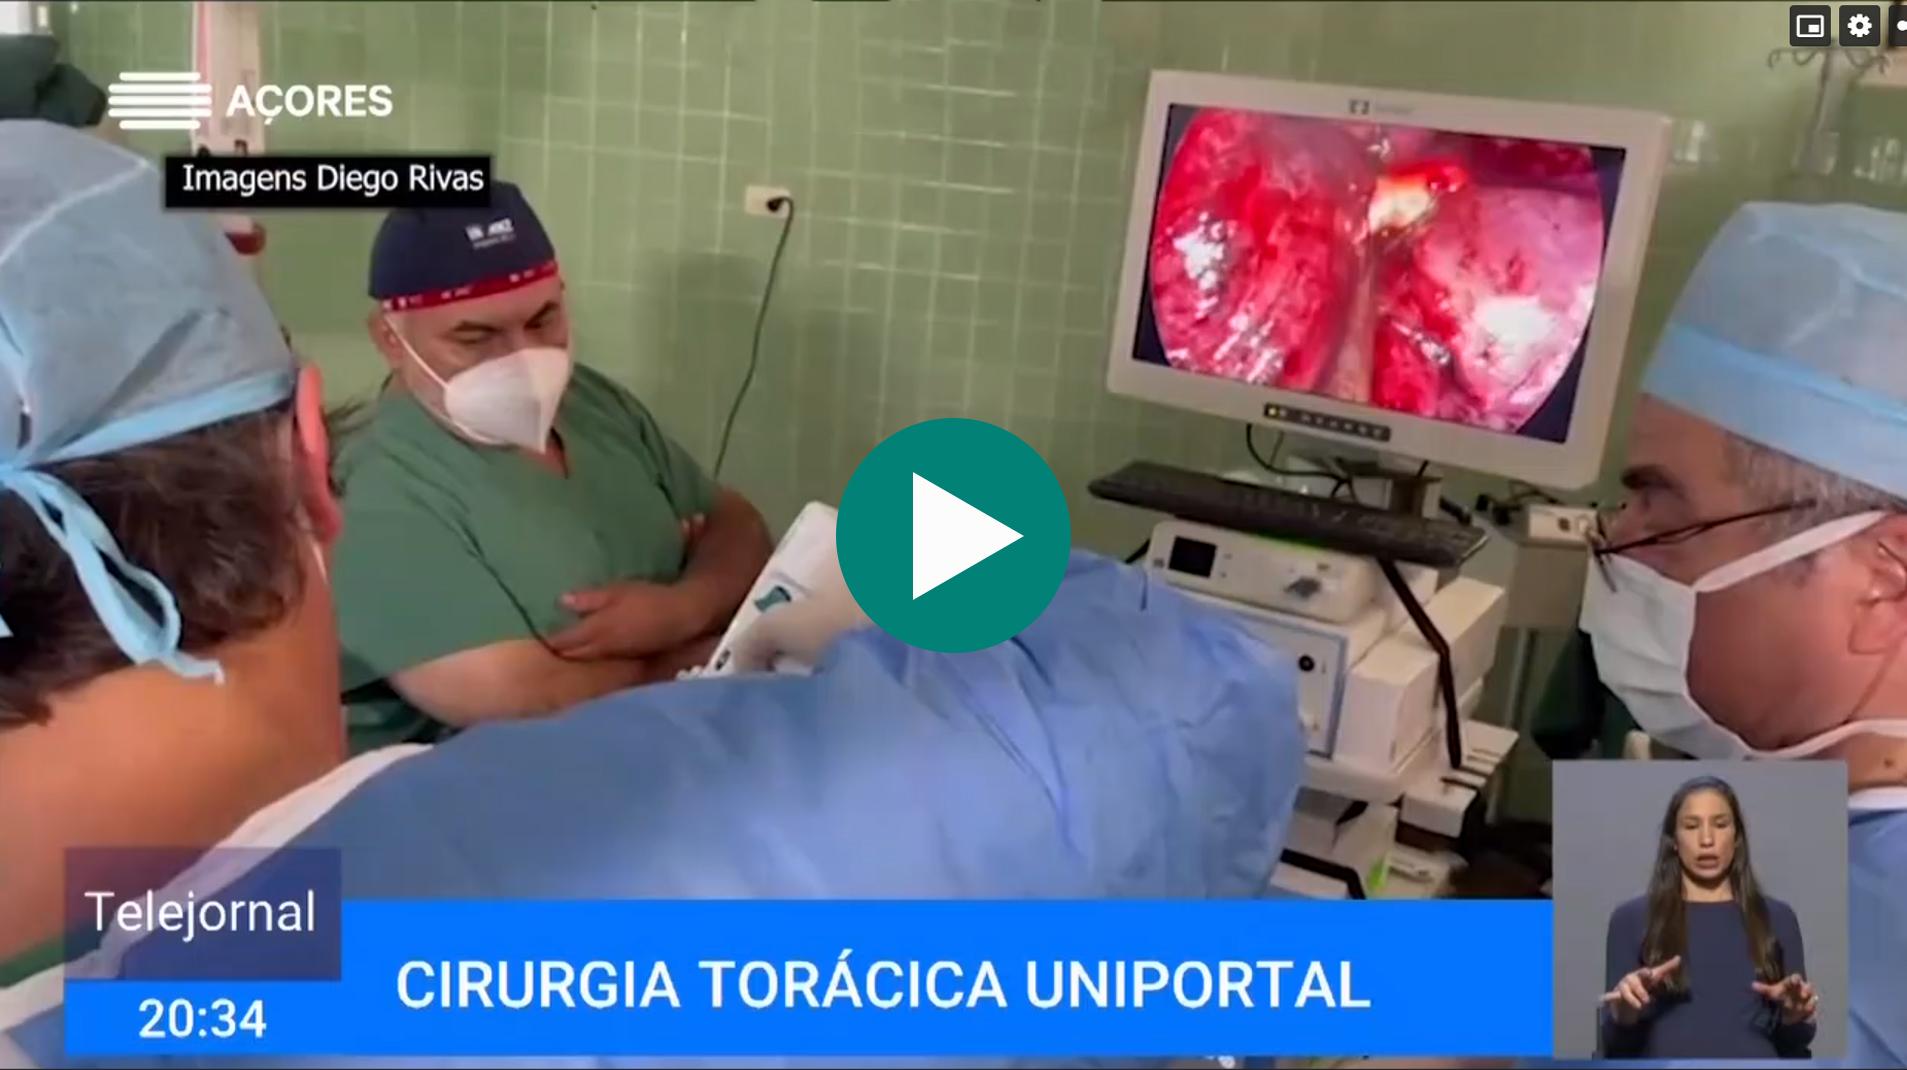 Cirurgia Toracica Uniportal